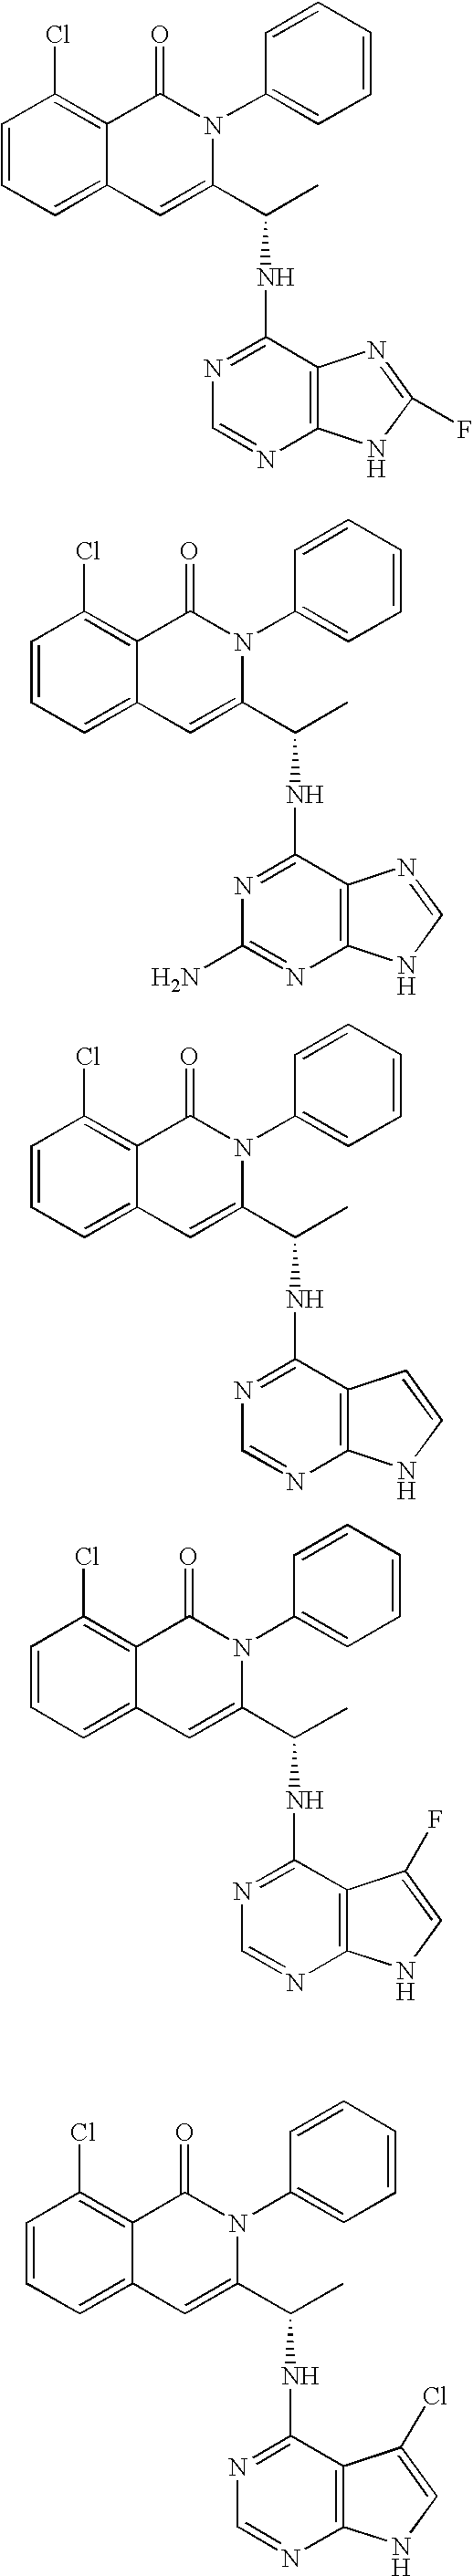 Figure US20090312319A1-20091217-C00278